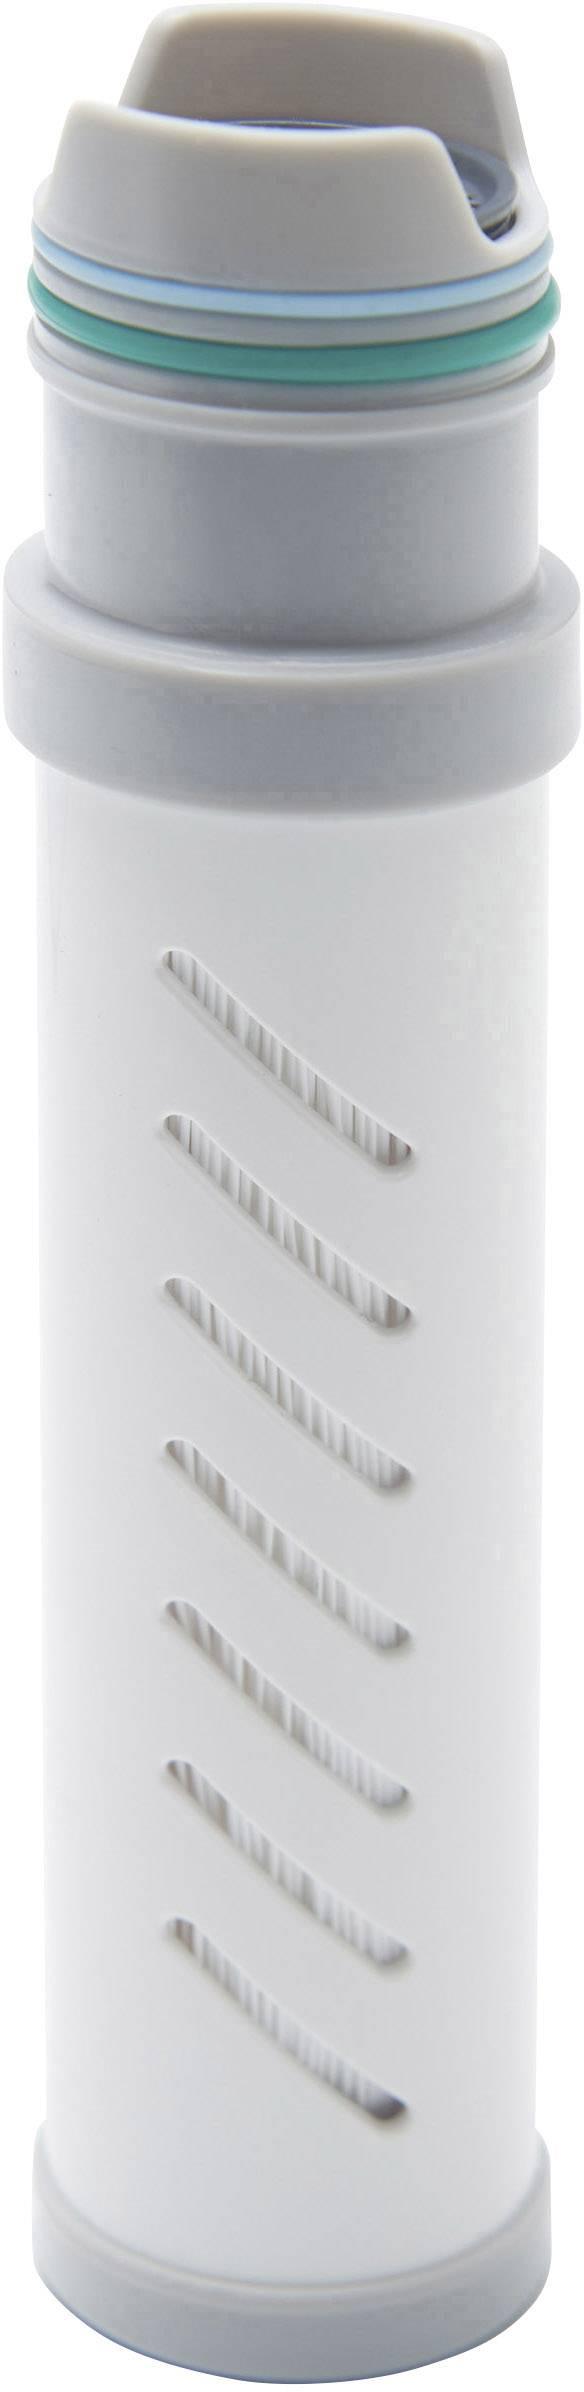 LifeStraw vodní filtr plast 006-6002132